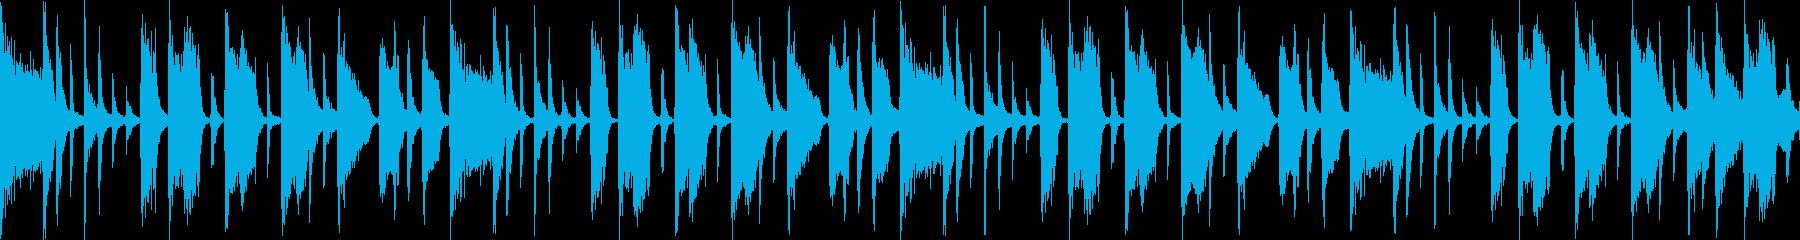 ほのぼのとしたダウンテンポなファンクの再生済みの波形